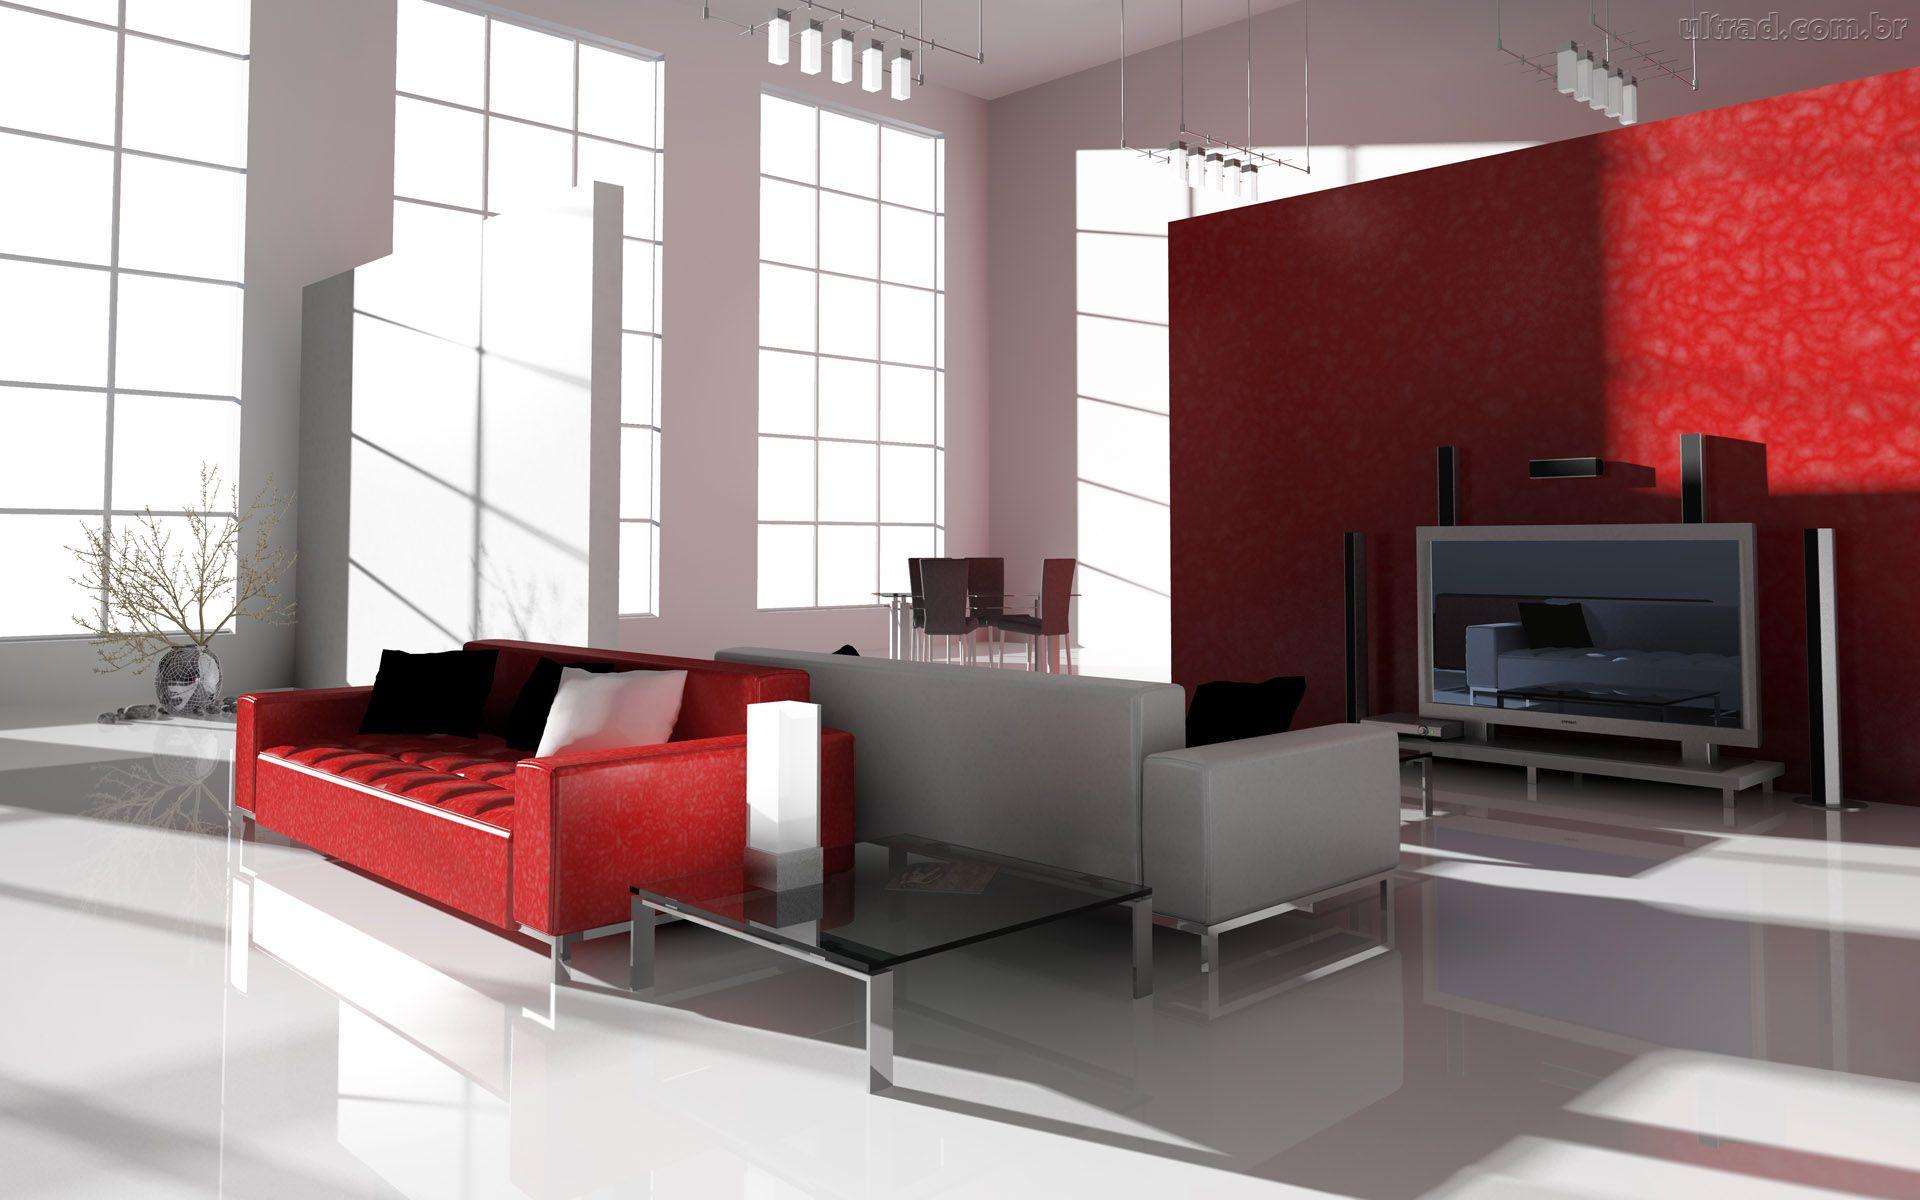 sala estarcom sofá vermelho